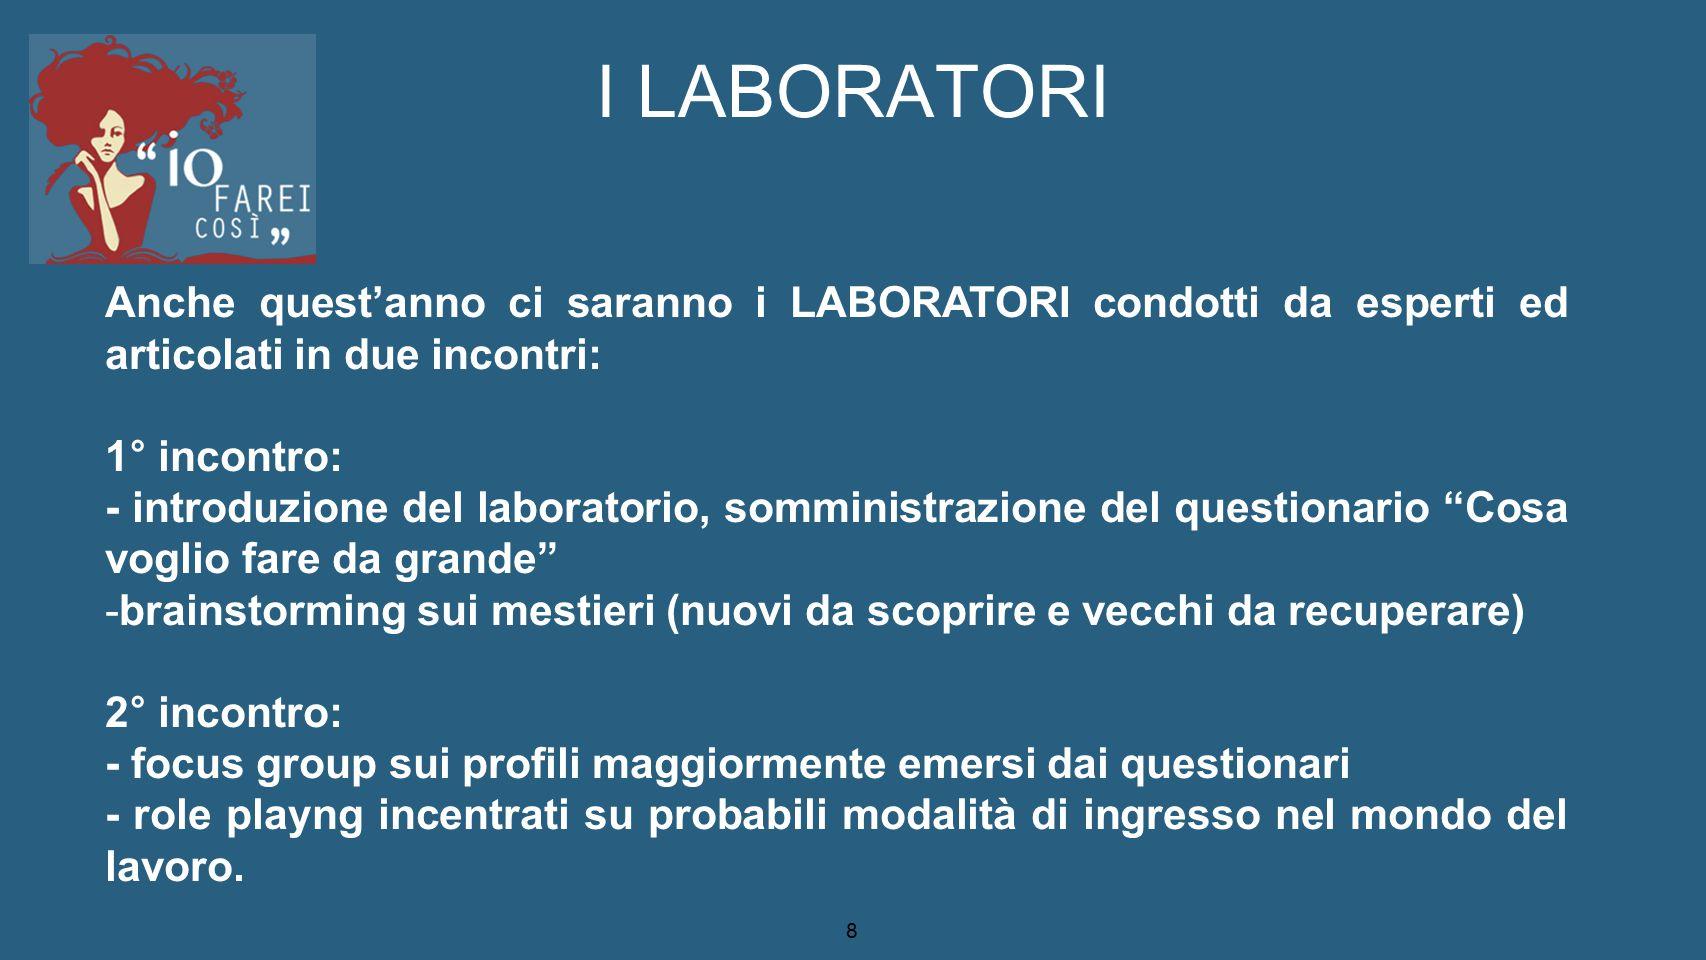 8 I LABORATORI Anche quest'anno ci saranno i LABORATORI condotti da esperti ed articolati in due incontri: 1° incontro: - introduzione del laboratorio